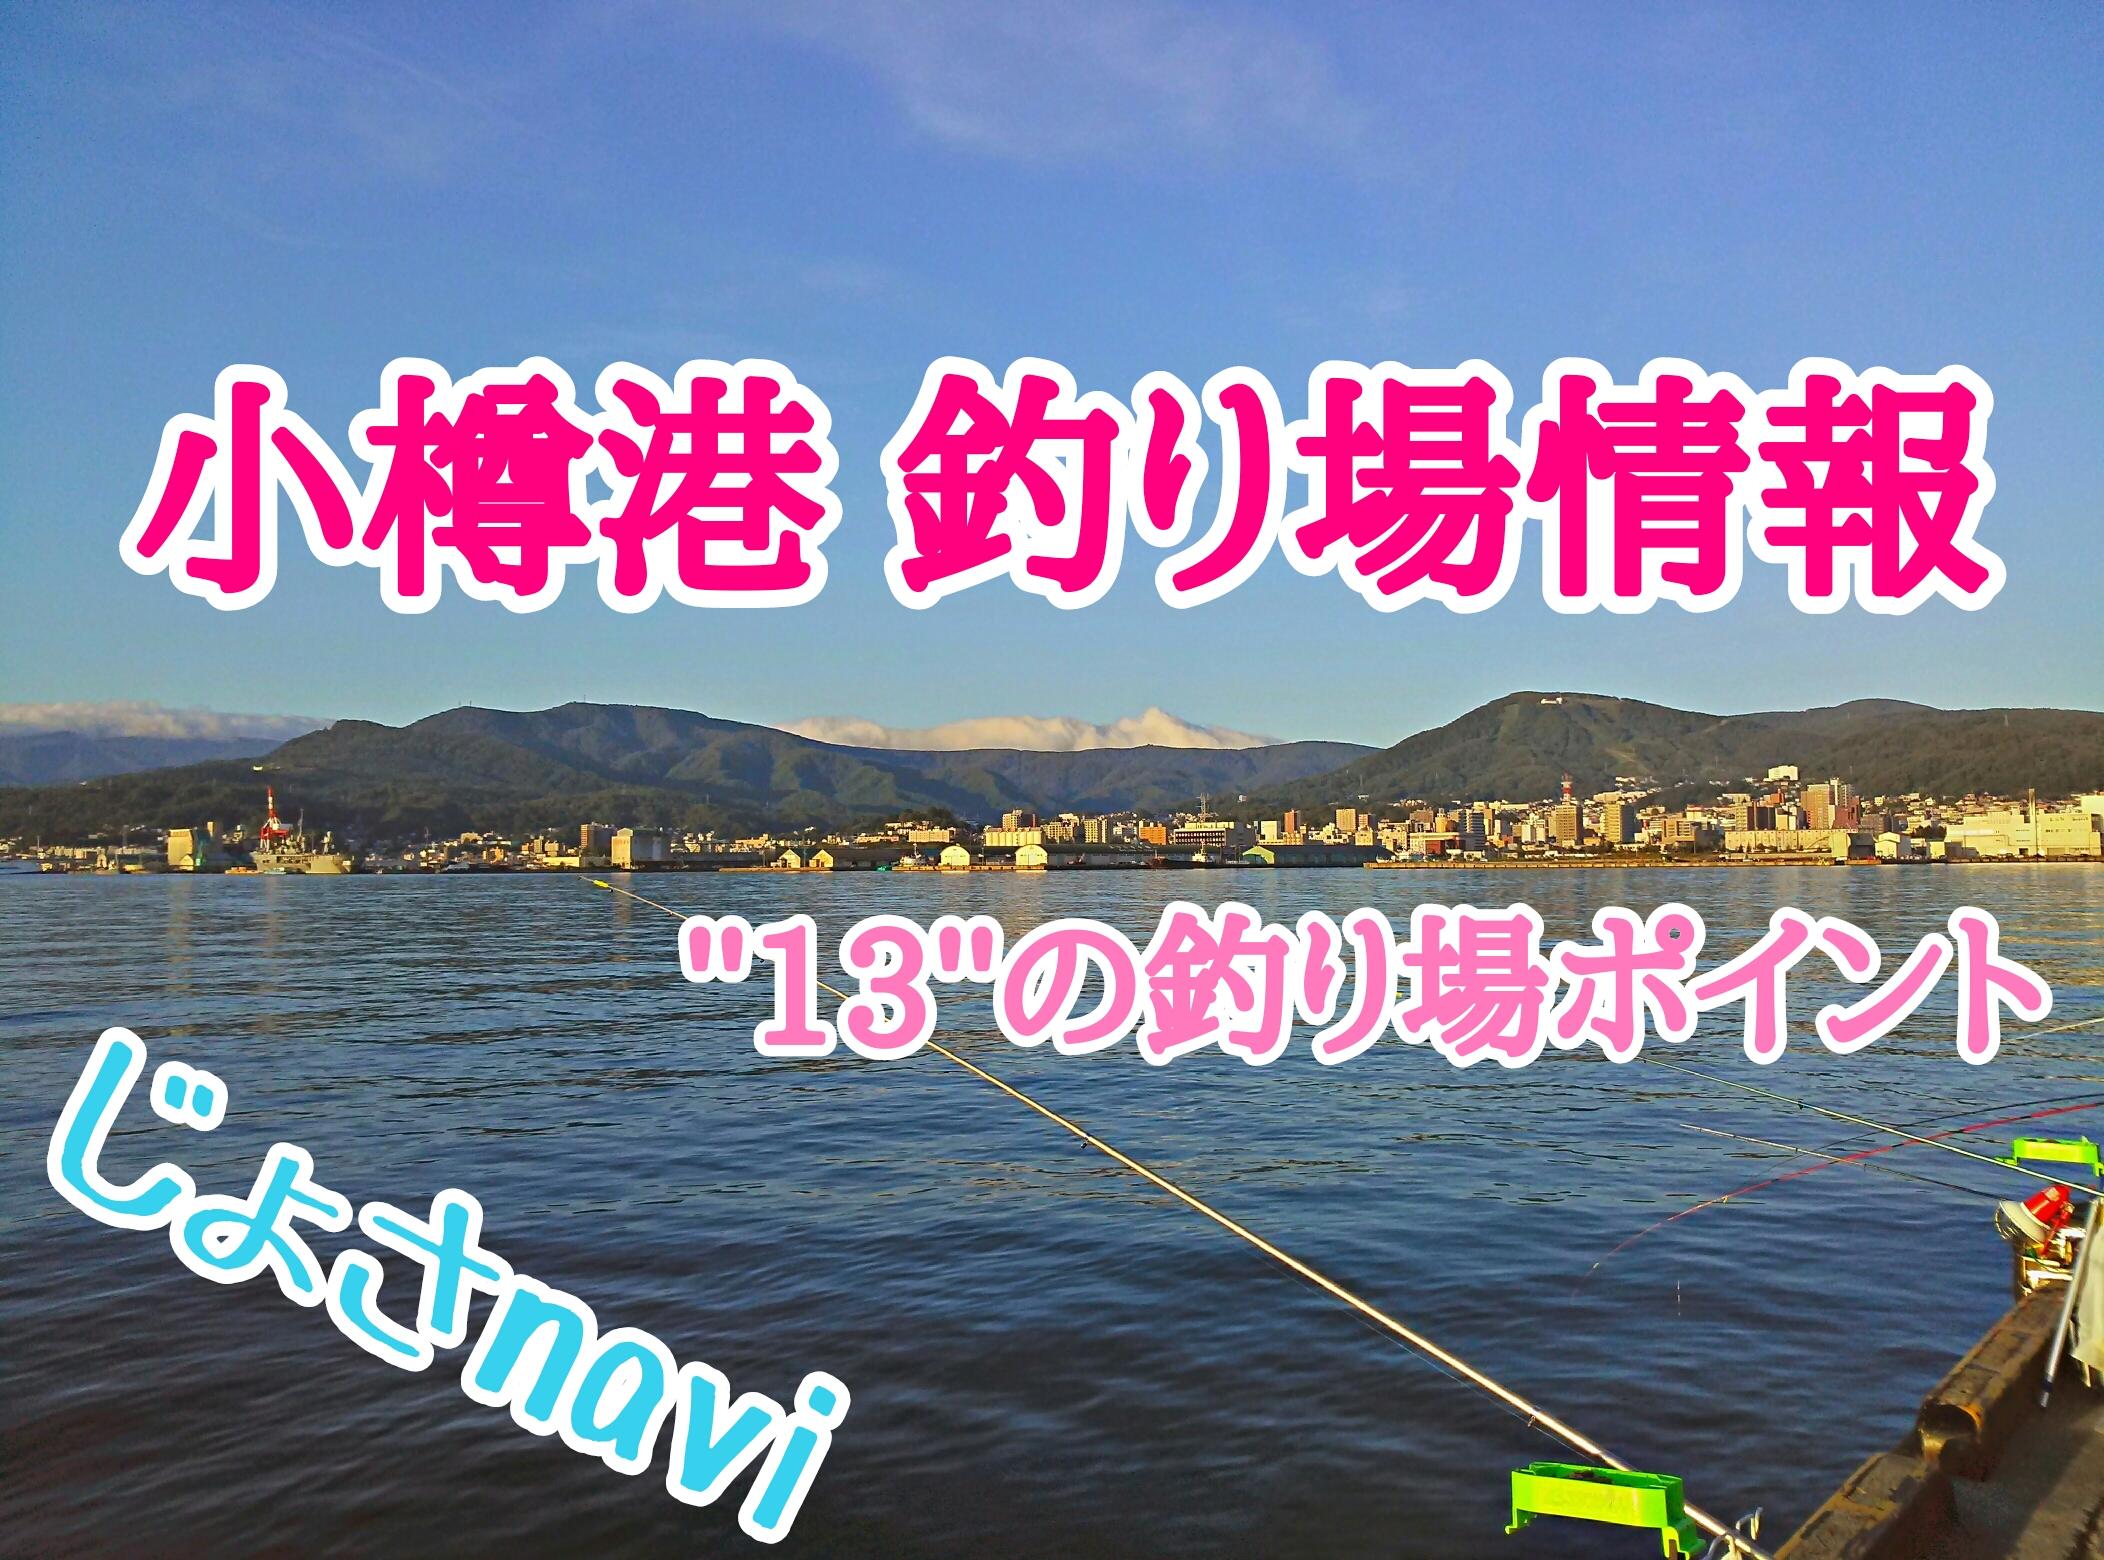 小樽港 についての釣り情報 釣り場紹介